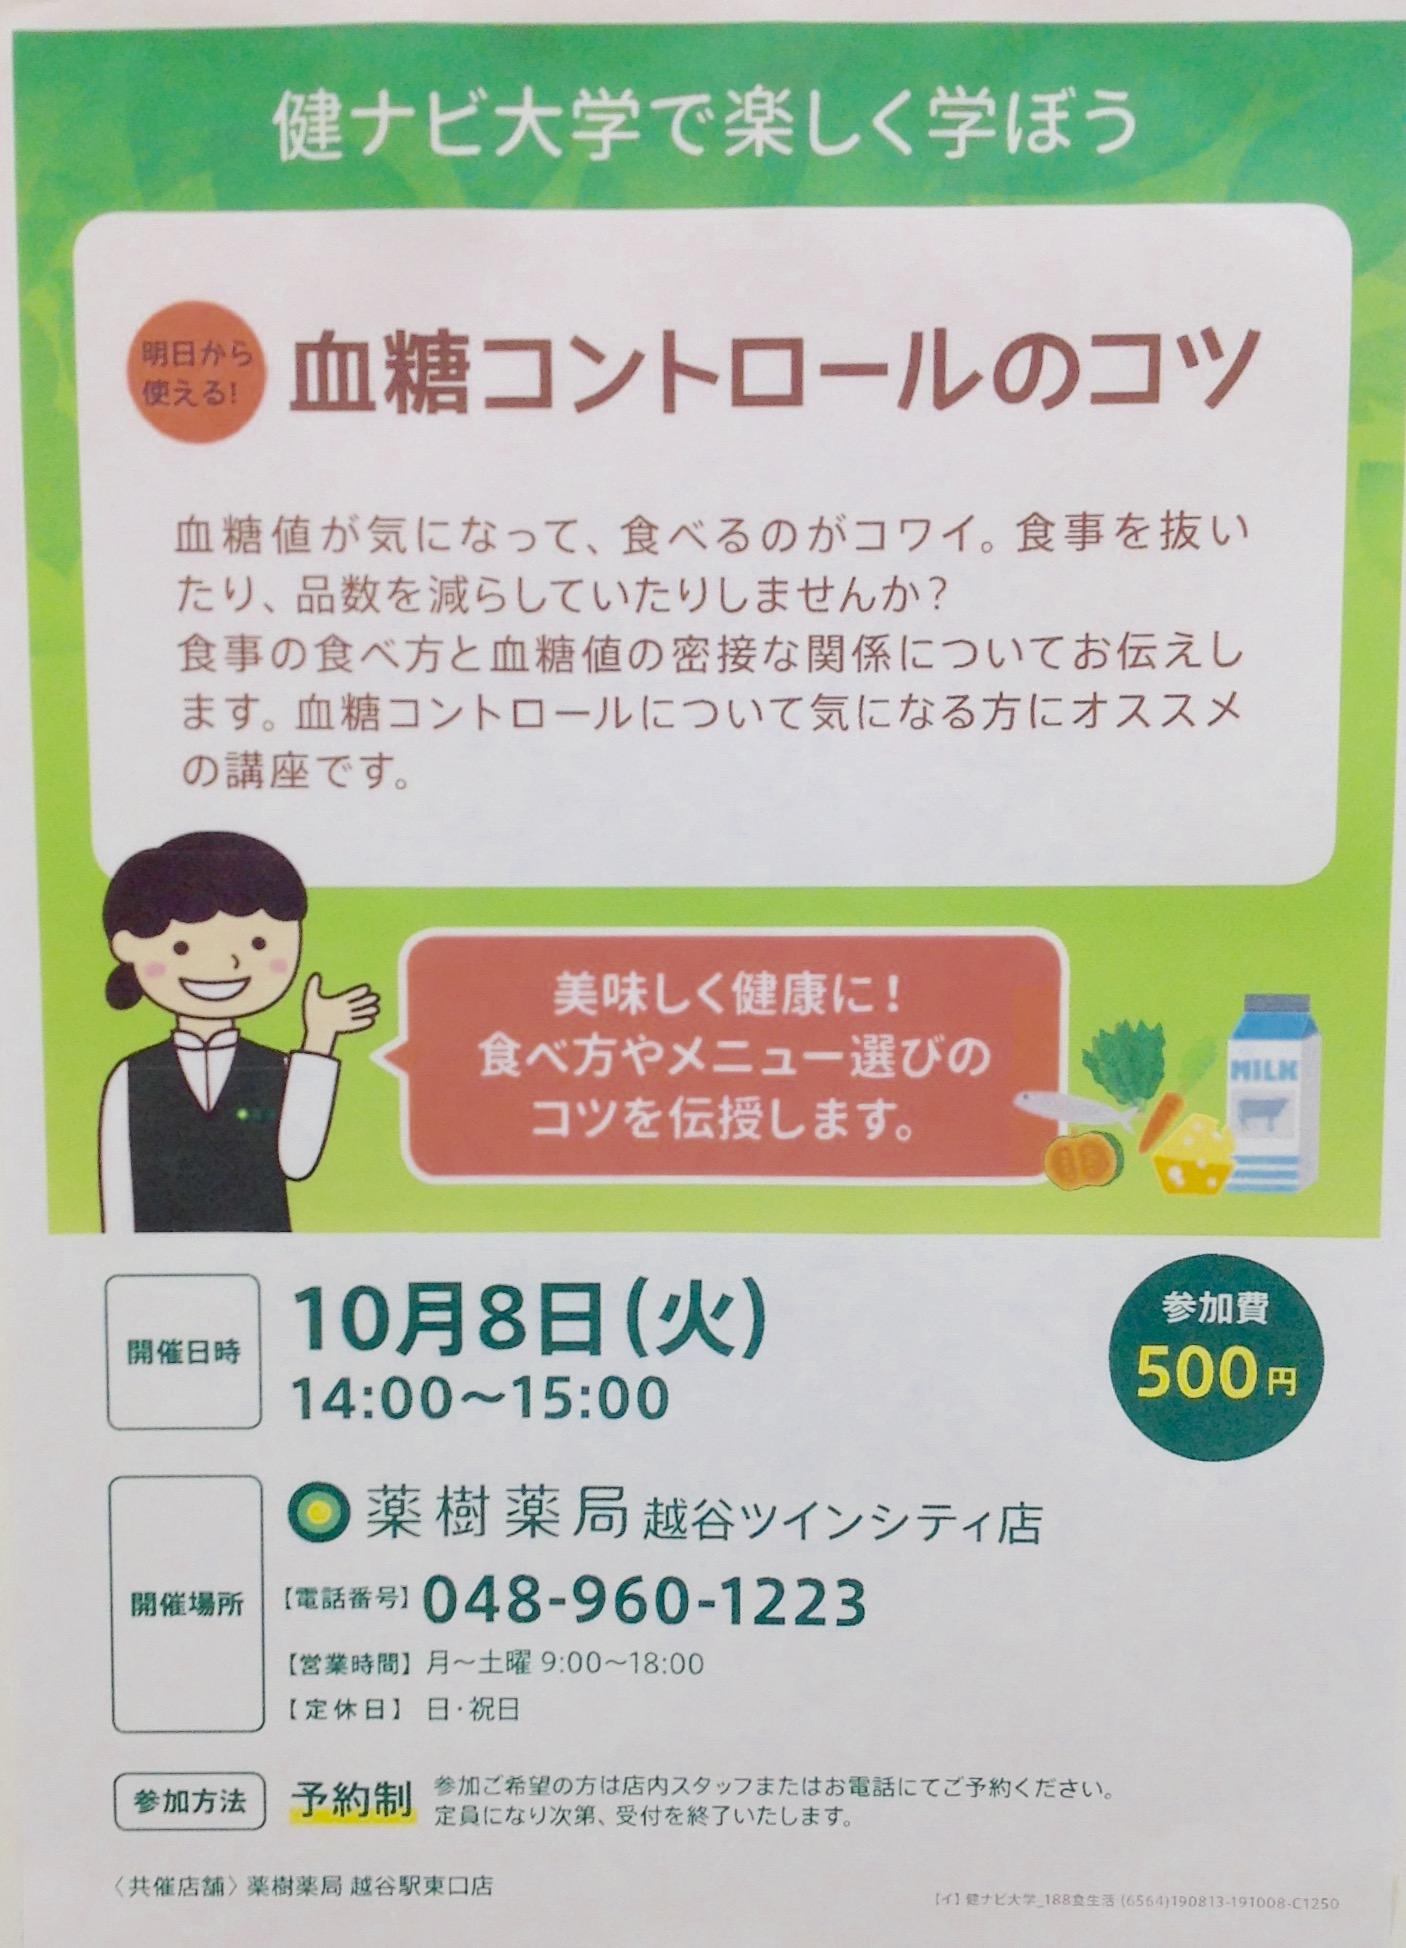 【血糖コントロールのコツ】ご存知ですか?